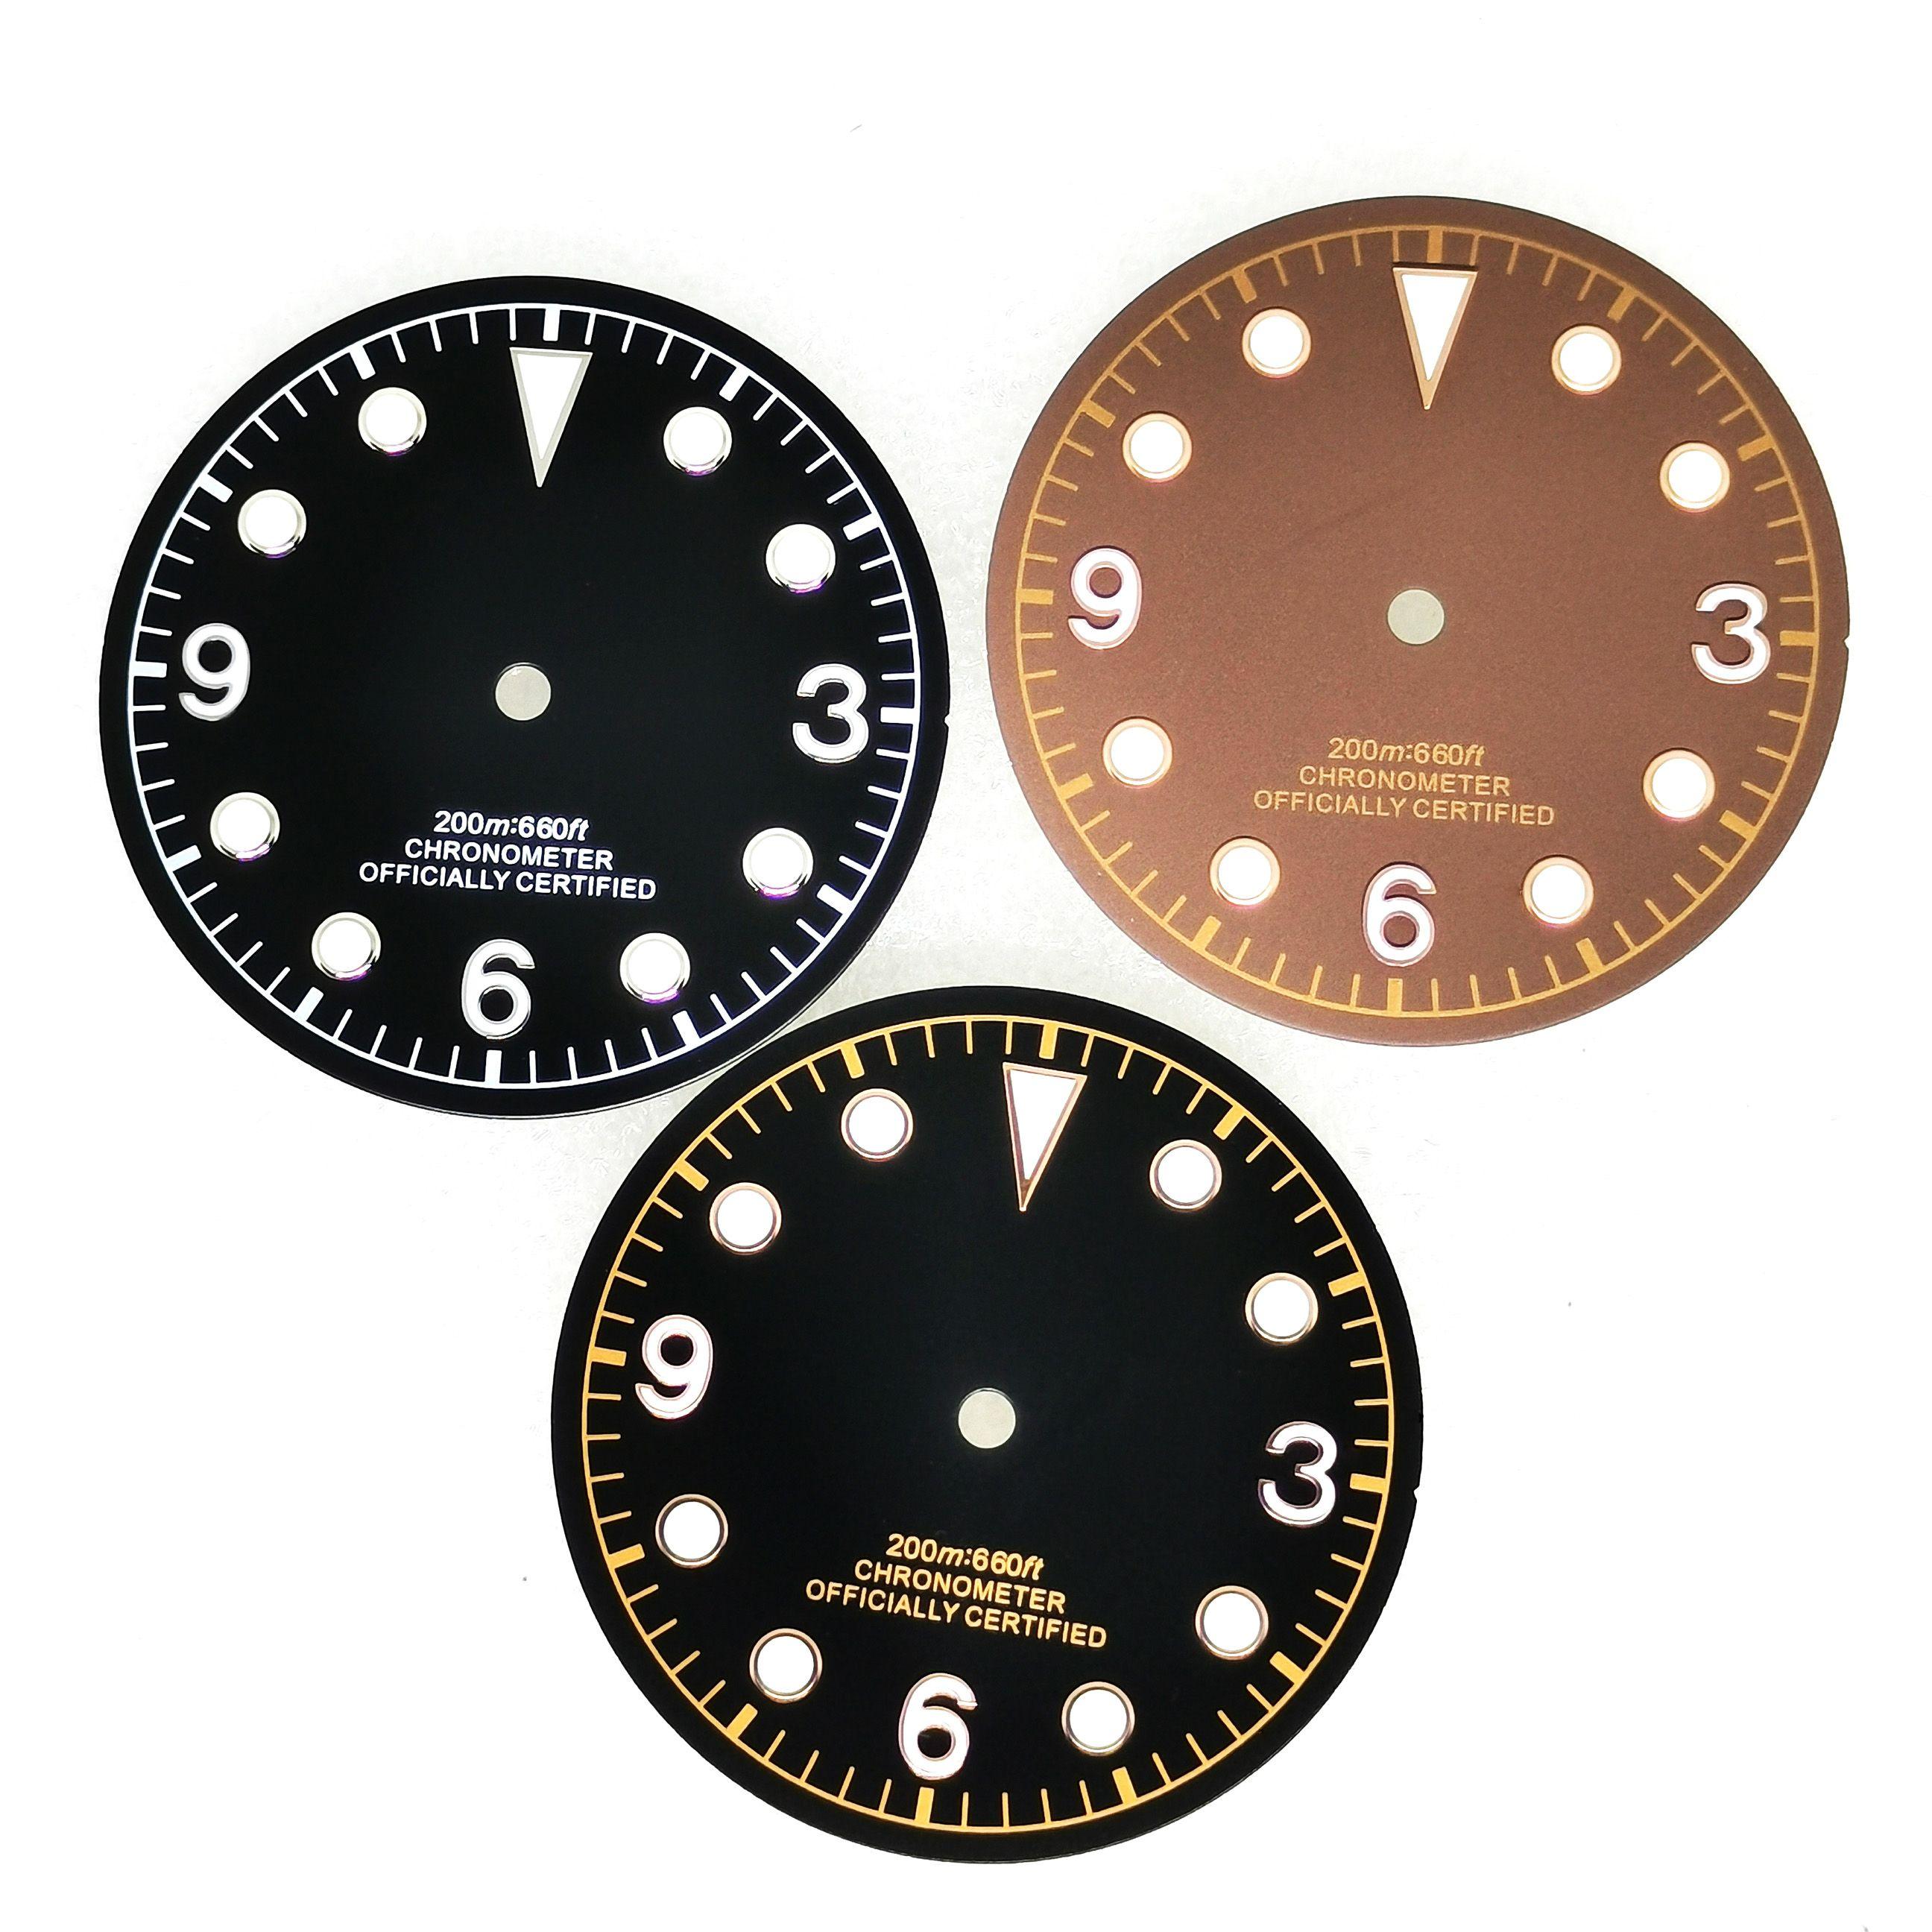 Relógio do Homem Novo Parte Mostrador Luminoso Caber Miyota 8215 8200 Eta 2836 2824 2892 St16 St2130 Mingzhu 2813 Movimento Automático 30mm